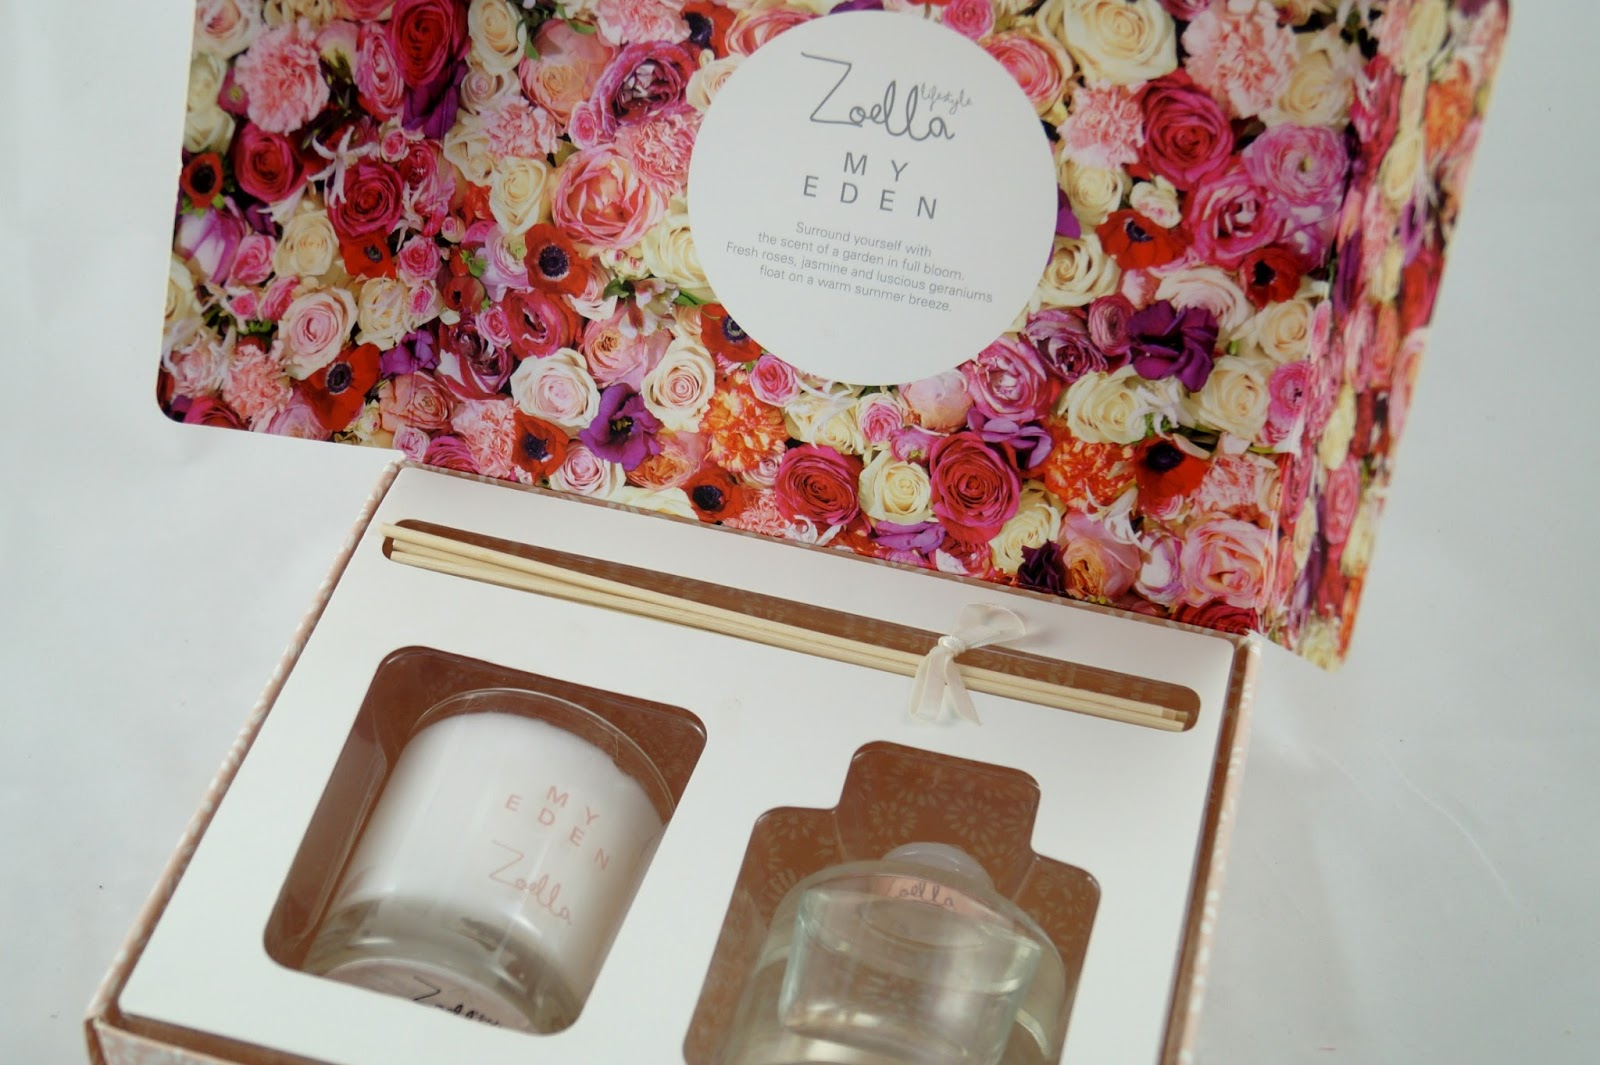 Zoella Lifestyle My Eden Geschenkset